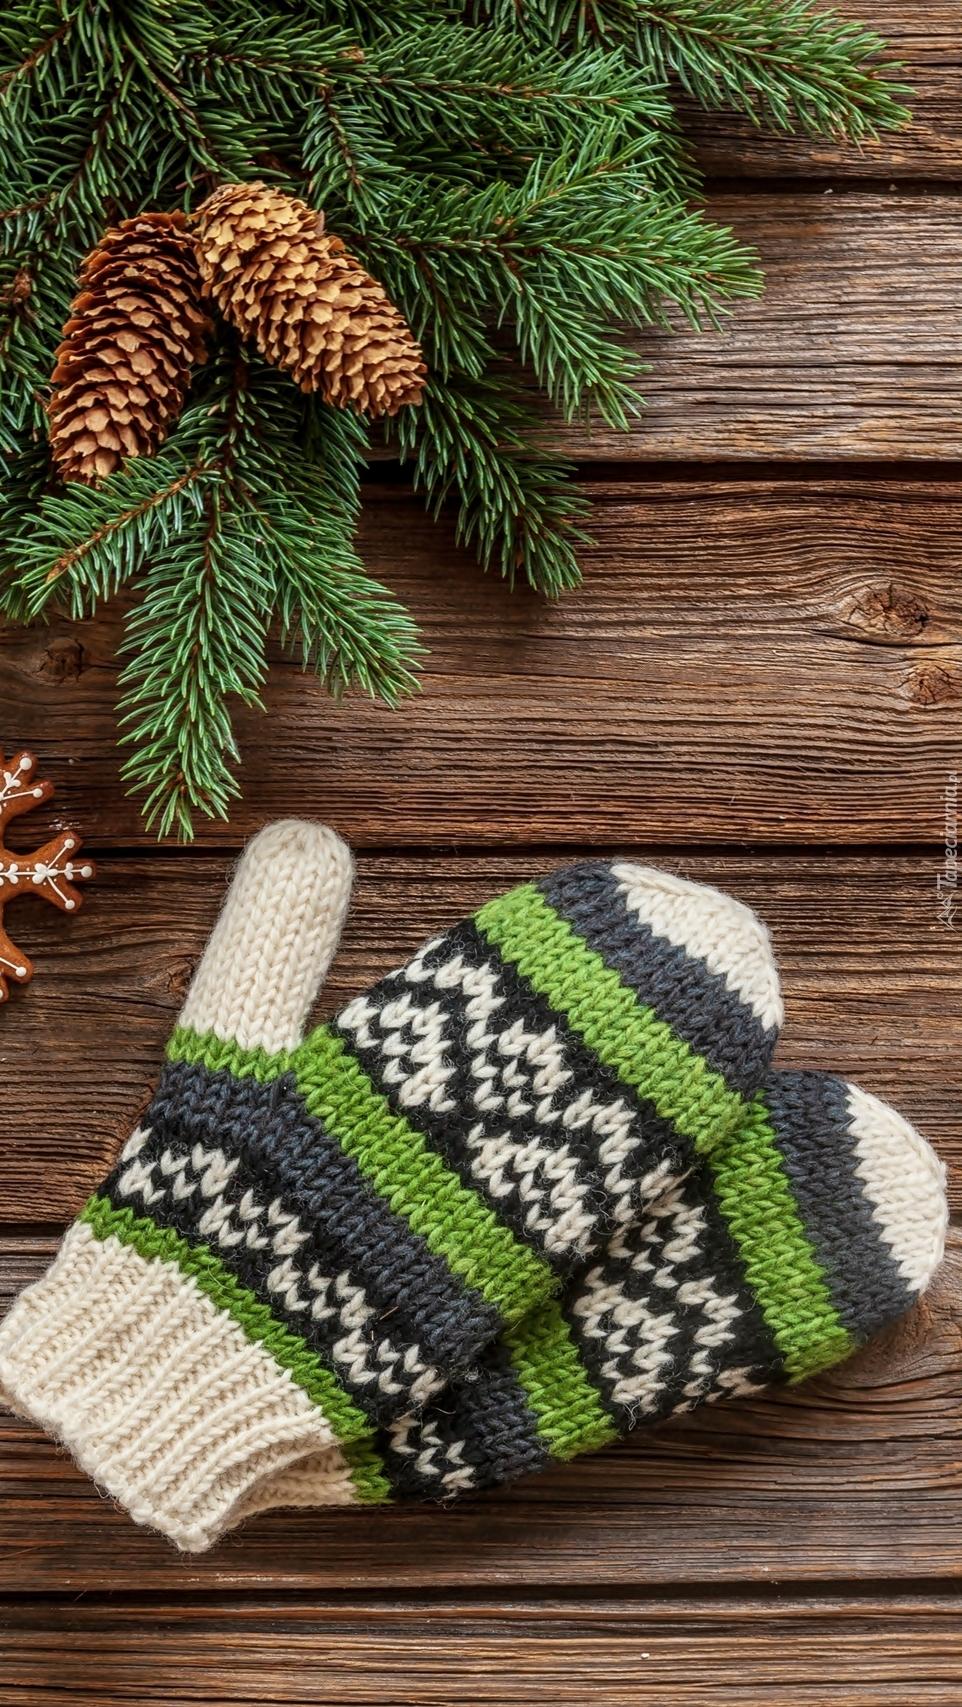 Wełniane rękawiczki obok gałązek